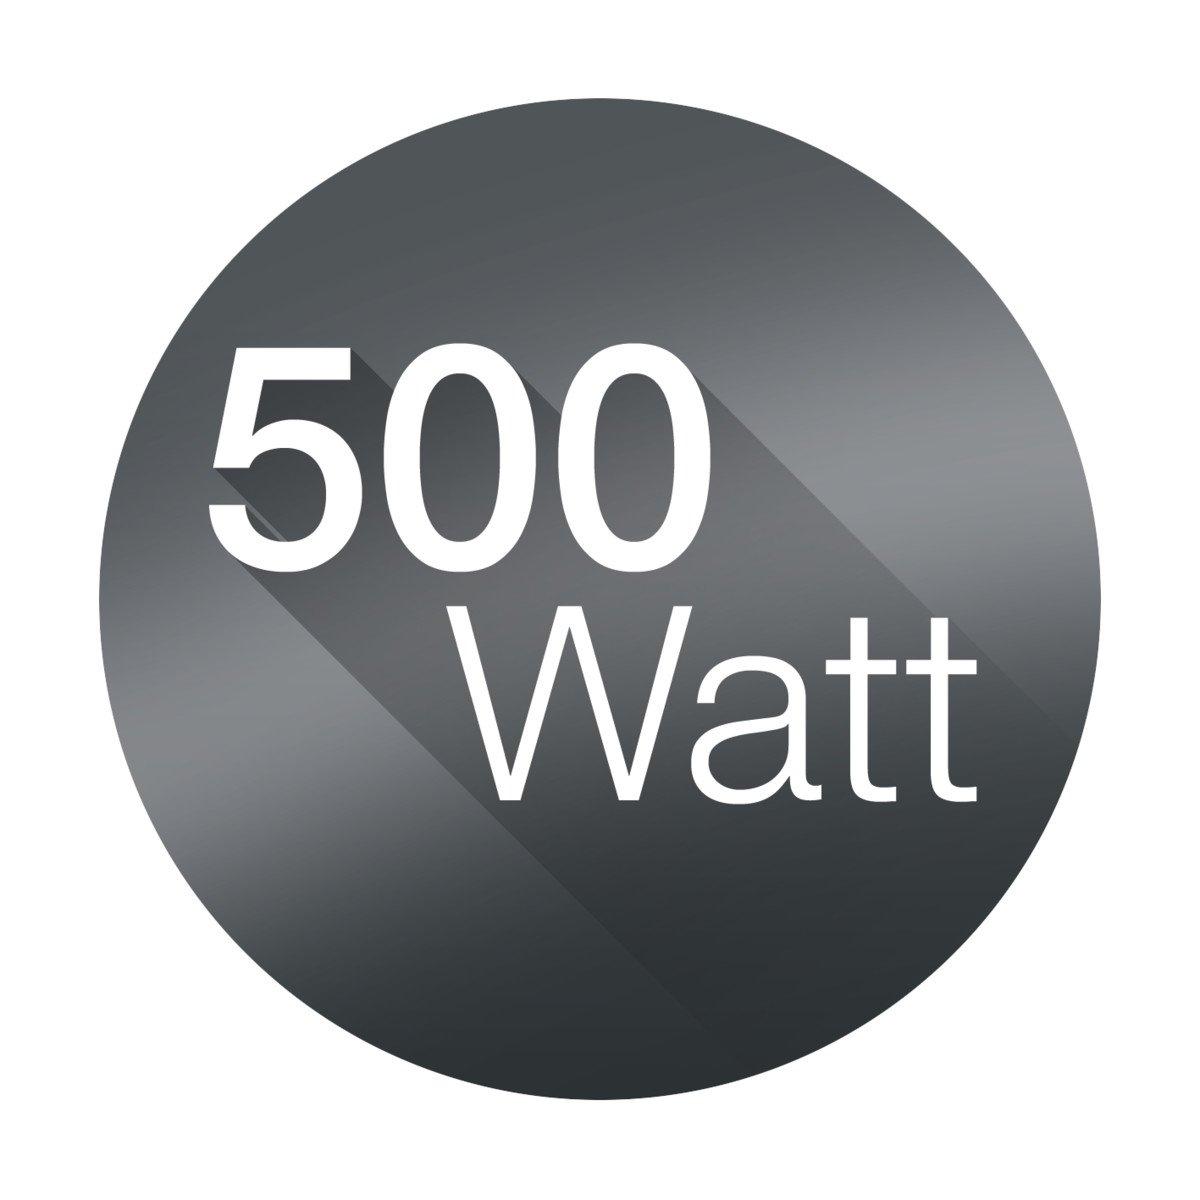 Braun HM3100WH Batidora de Varillas, 500 W, Acero Inoxidable, Plástico, 5 Velocidades, Color Blanco: Amazon.es: Hogar